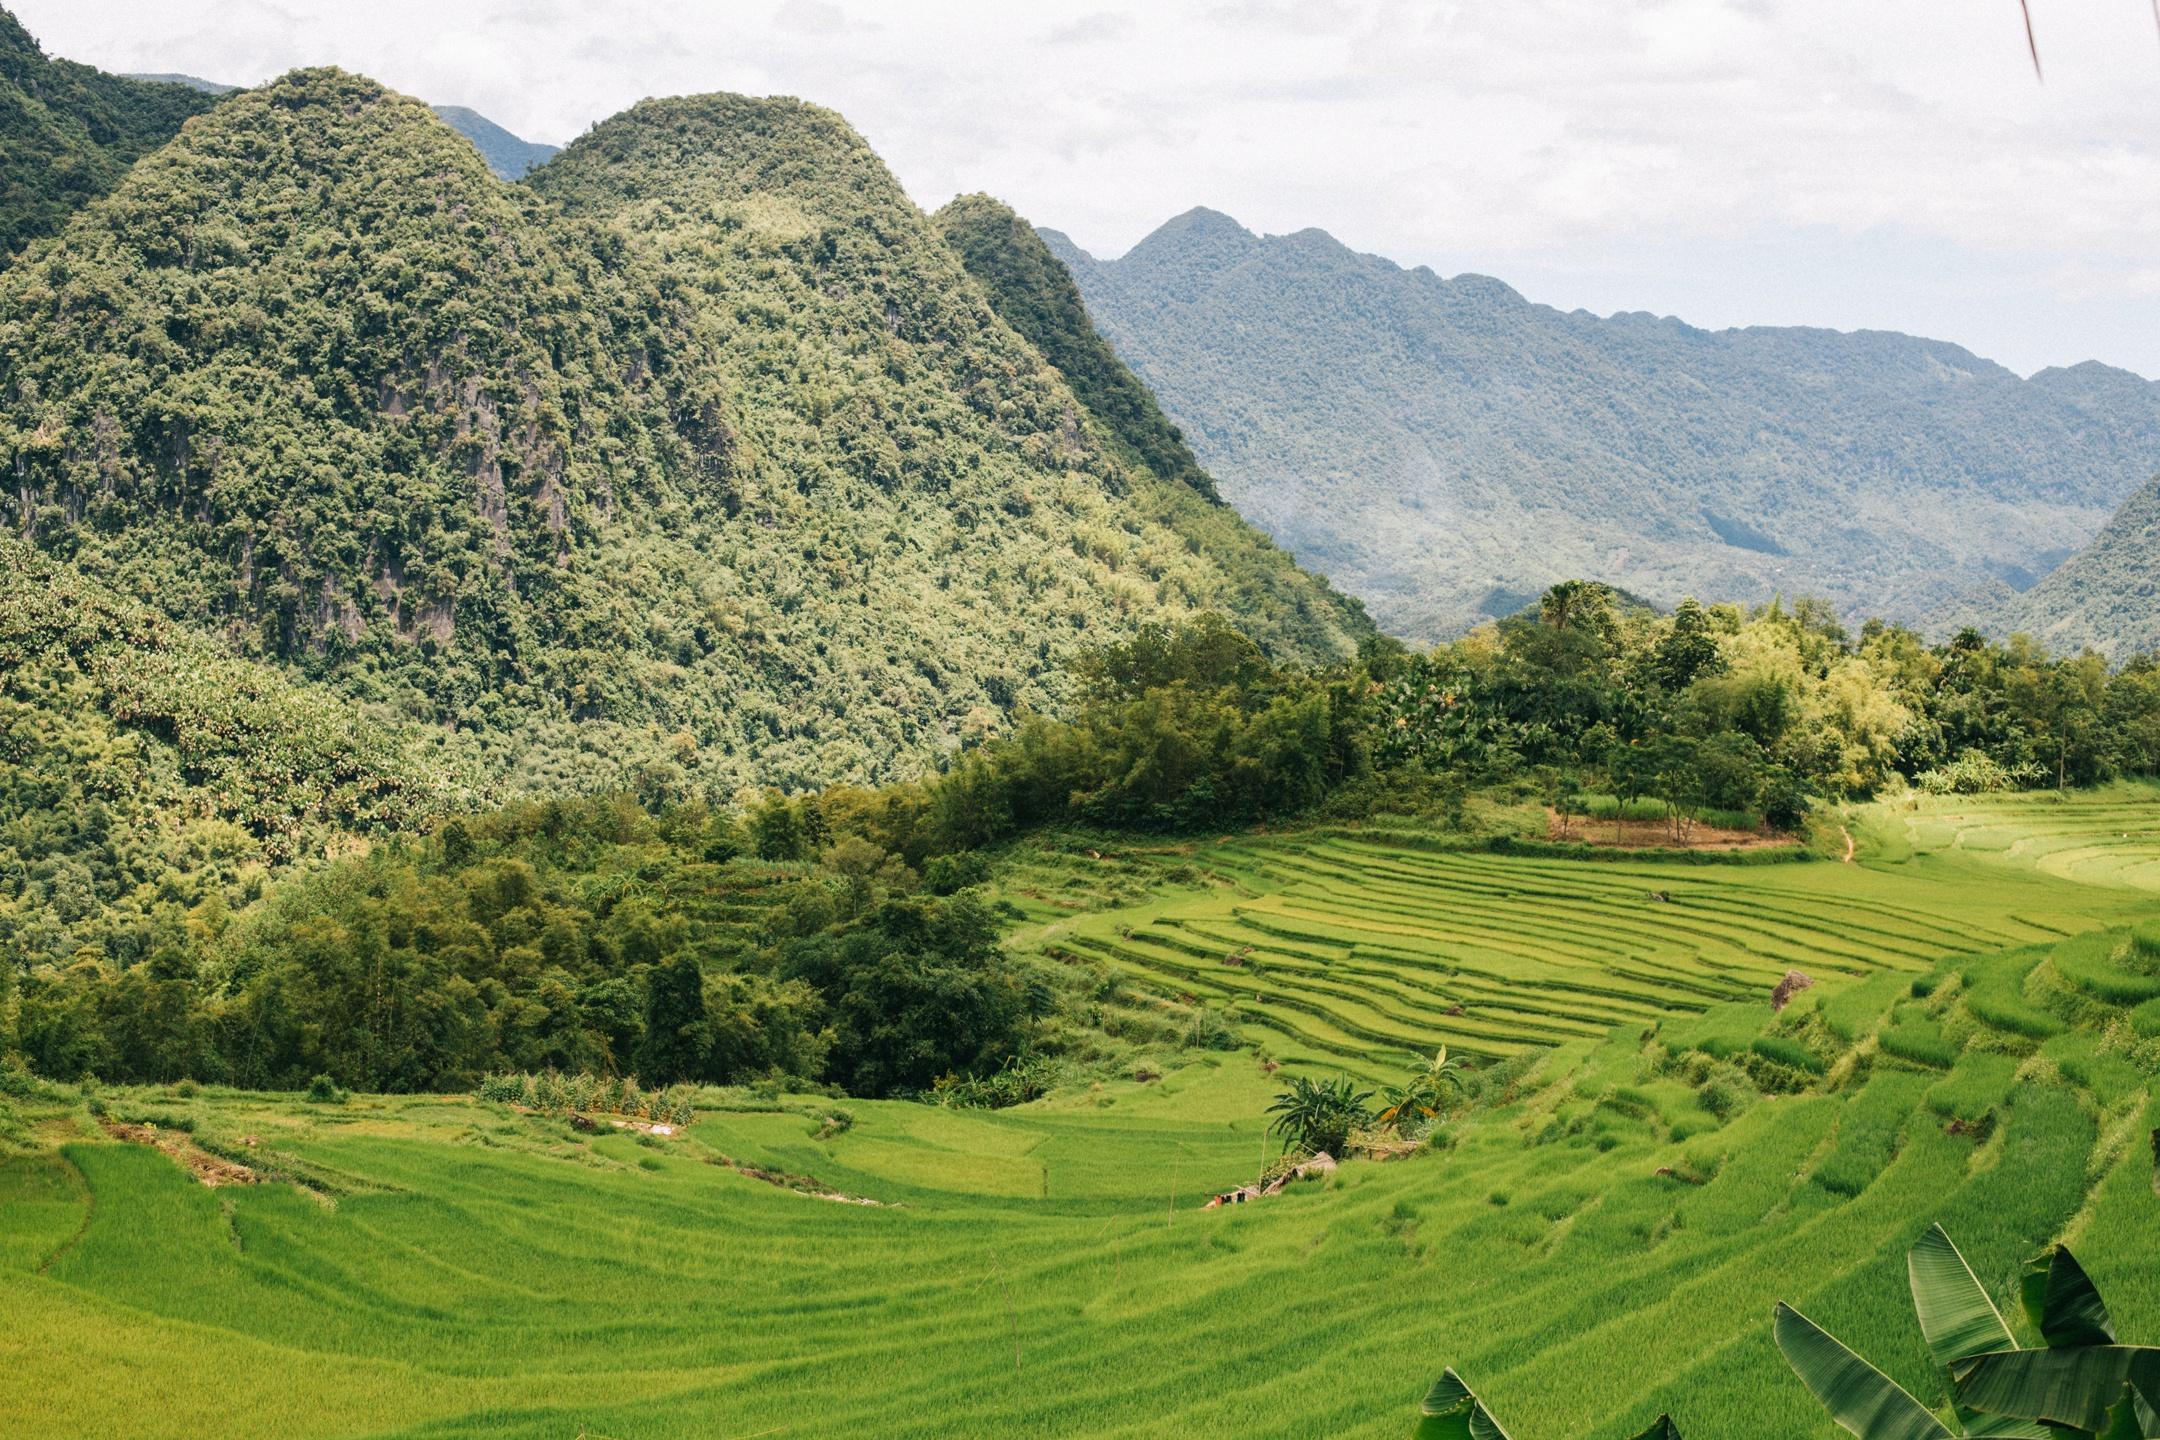 Tháng 9, đến Pù Luông ngắm lúa Ảnh 4